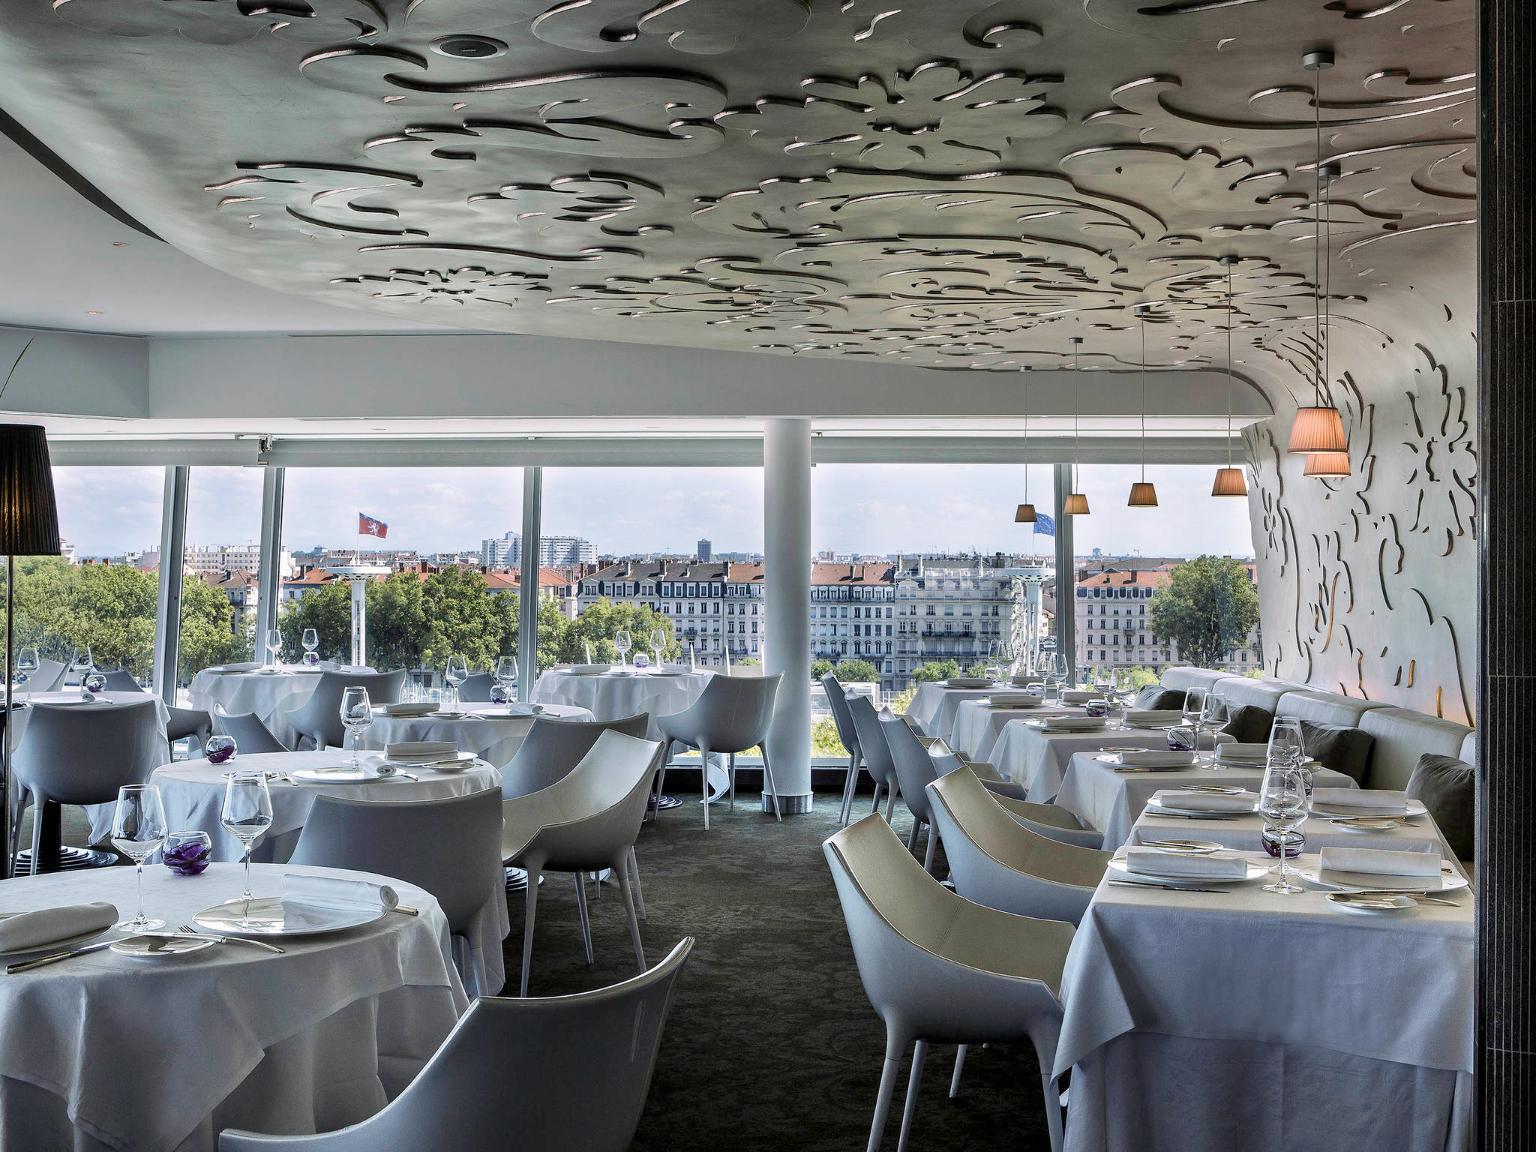 Sofitel lyon bellecour h tel 20 quai gailleton 69002 for Hotels 69002 lyon